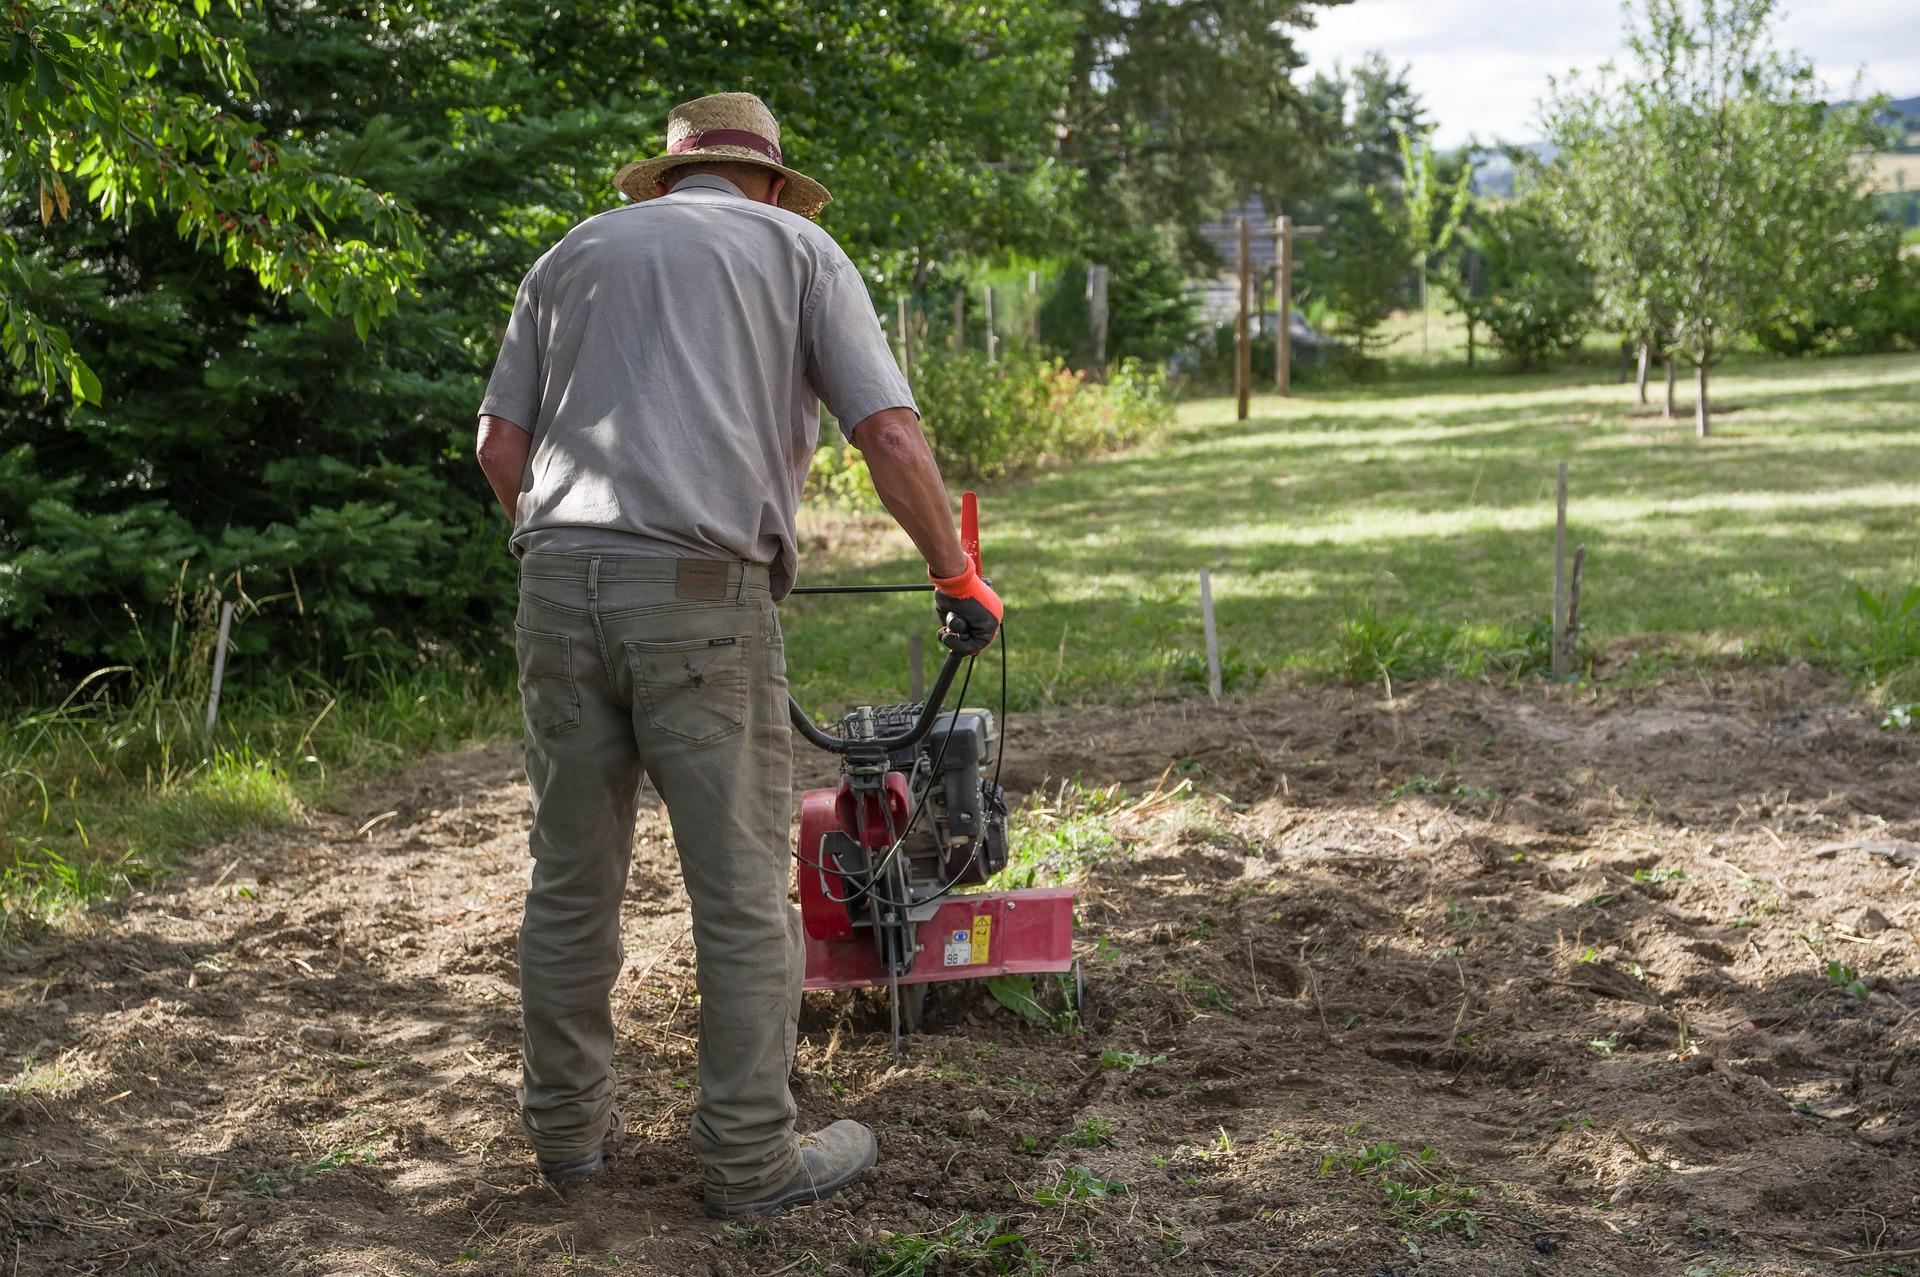 2.2 millones de mexicanos realizan trabajo doméstico remunerado